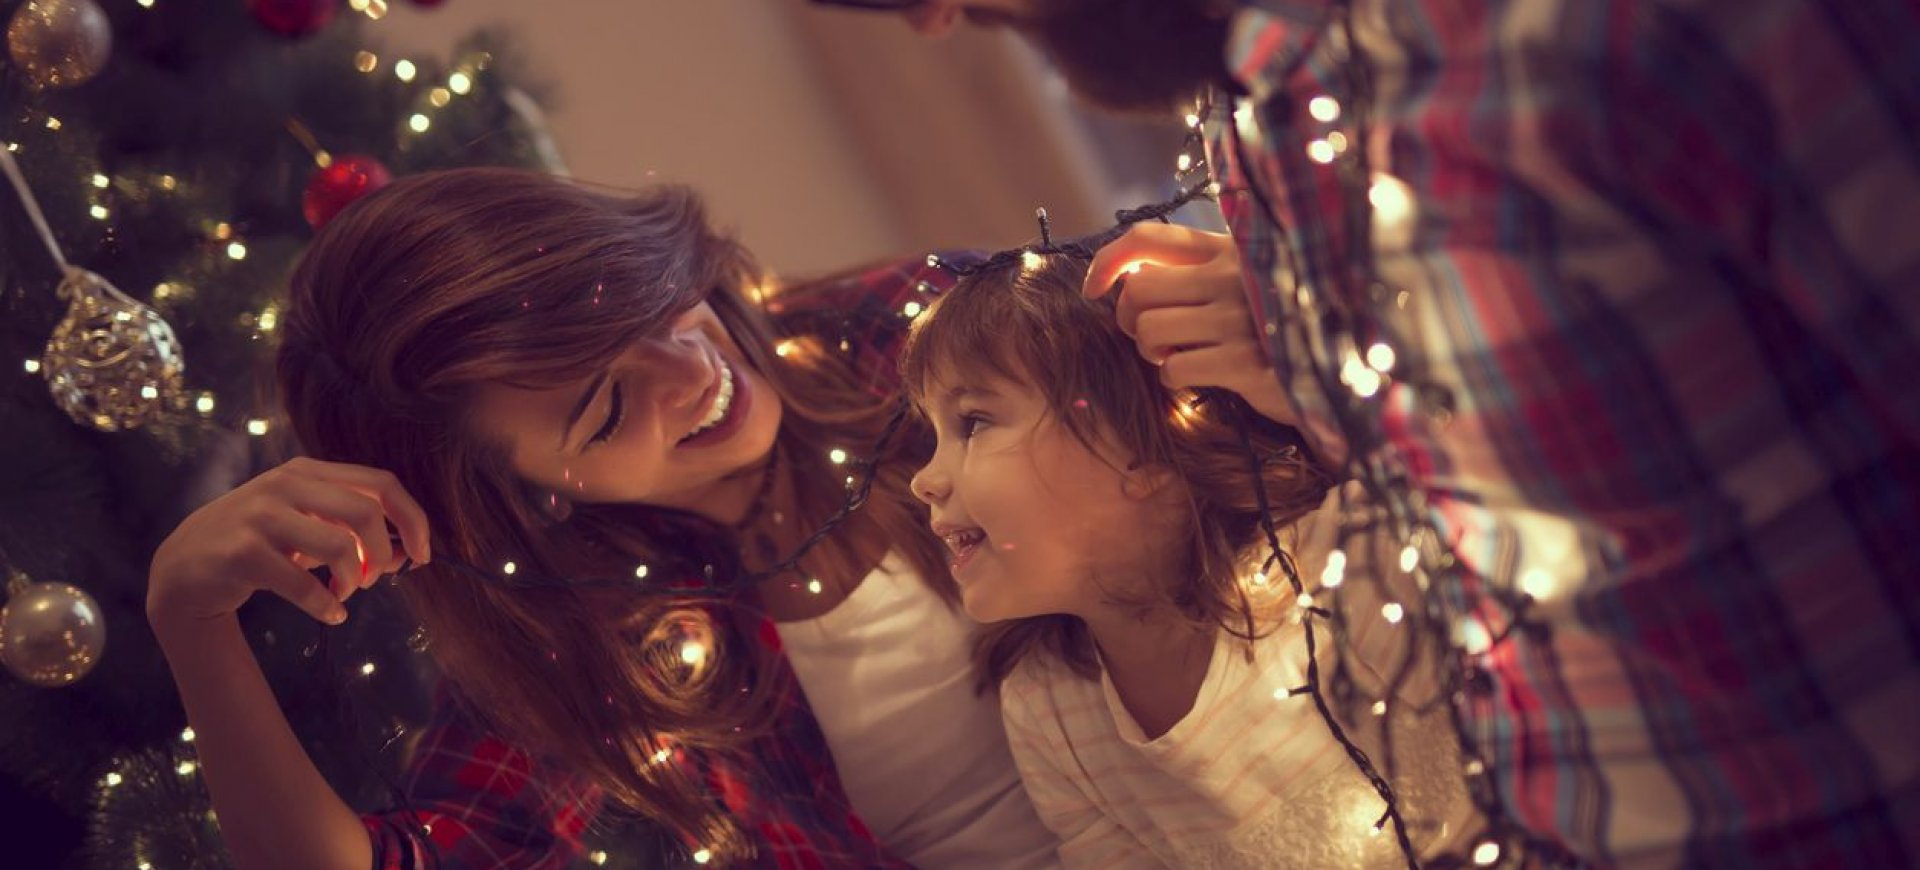 Boże Narodzenie - 6 dni